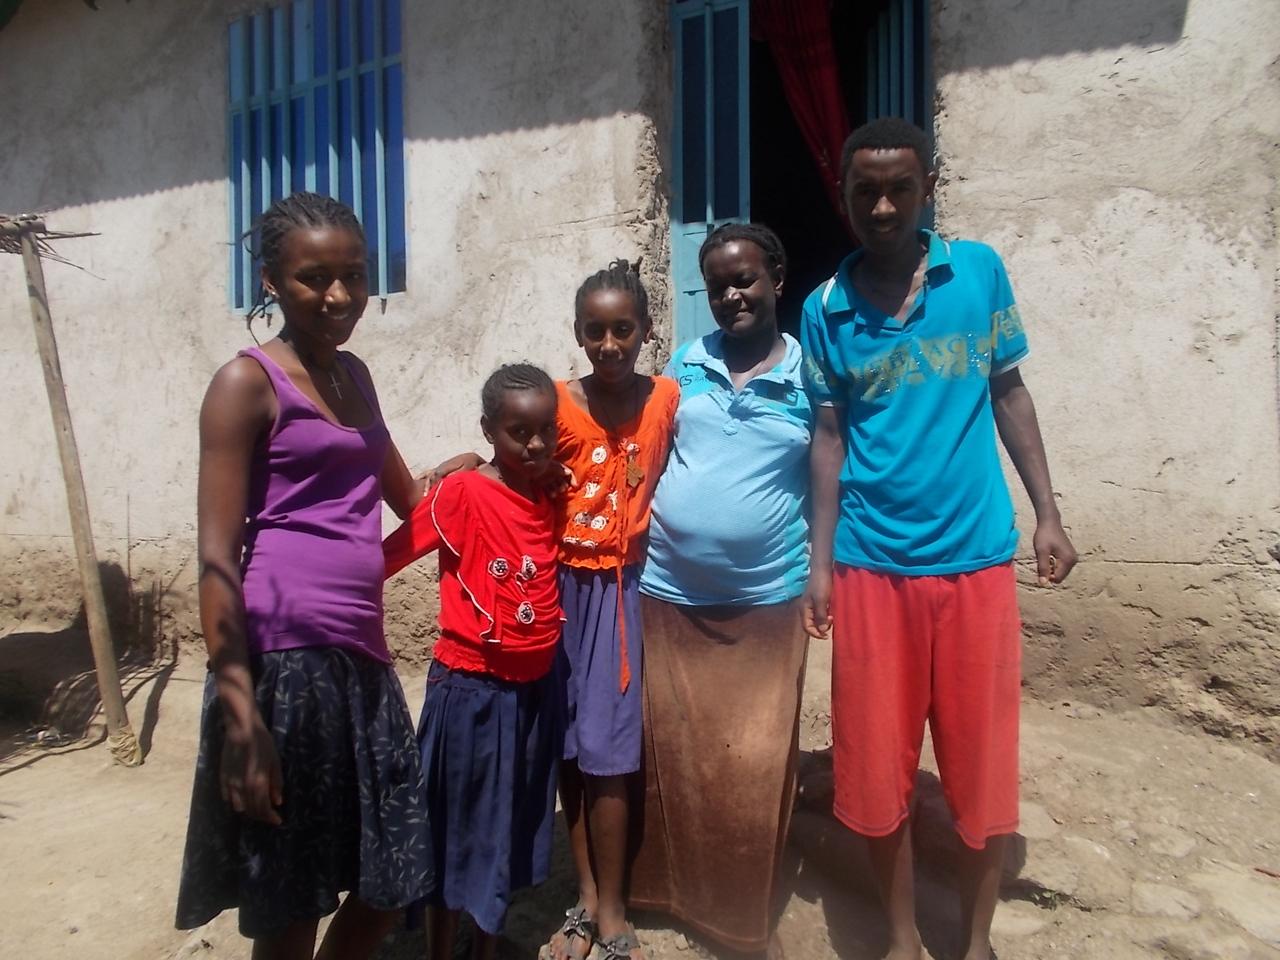 Chali With her Children